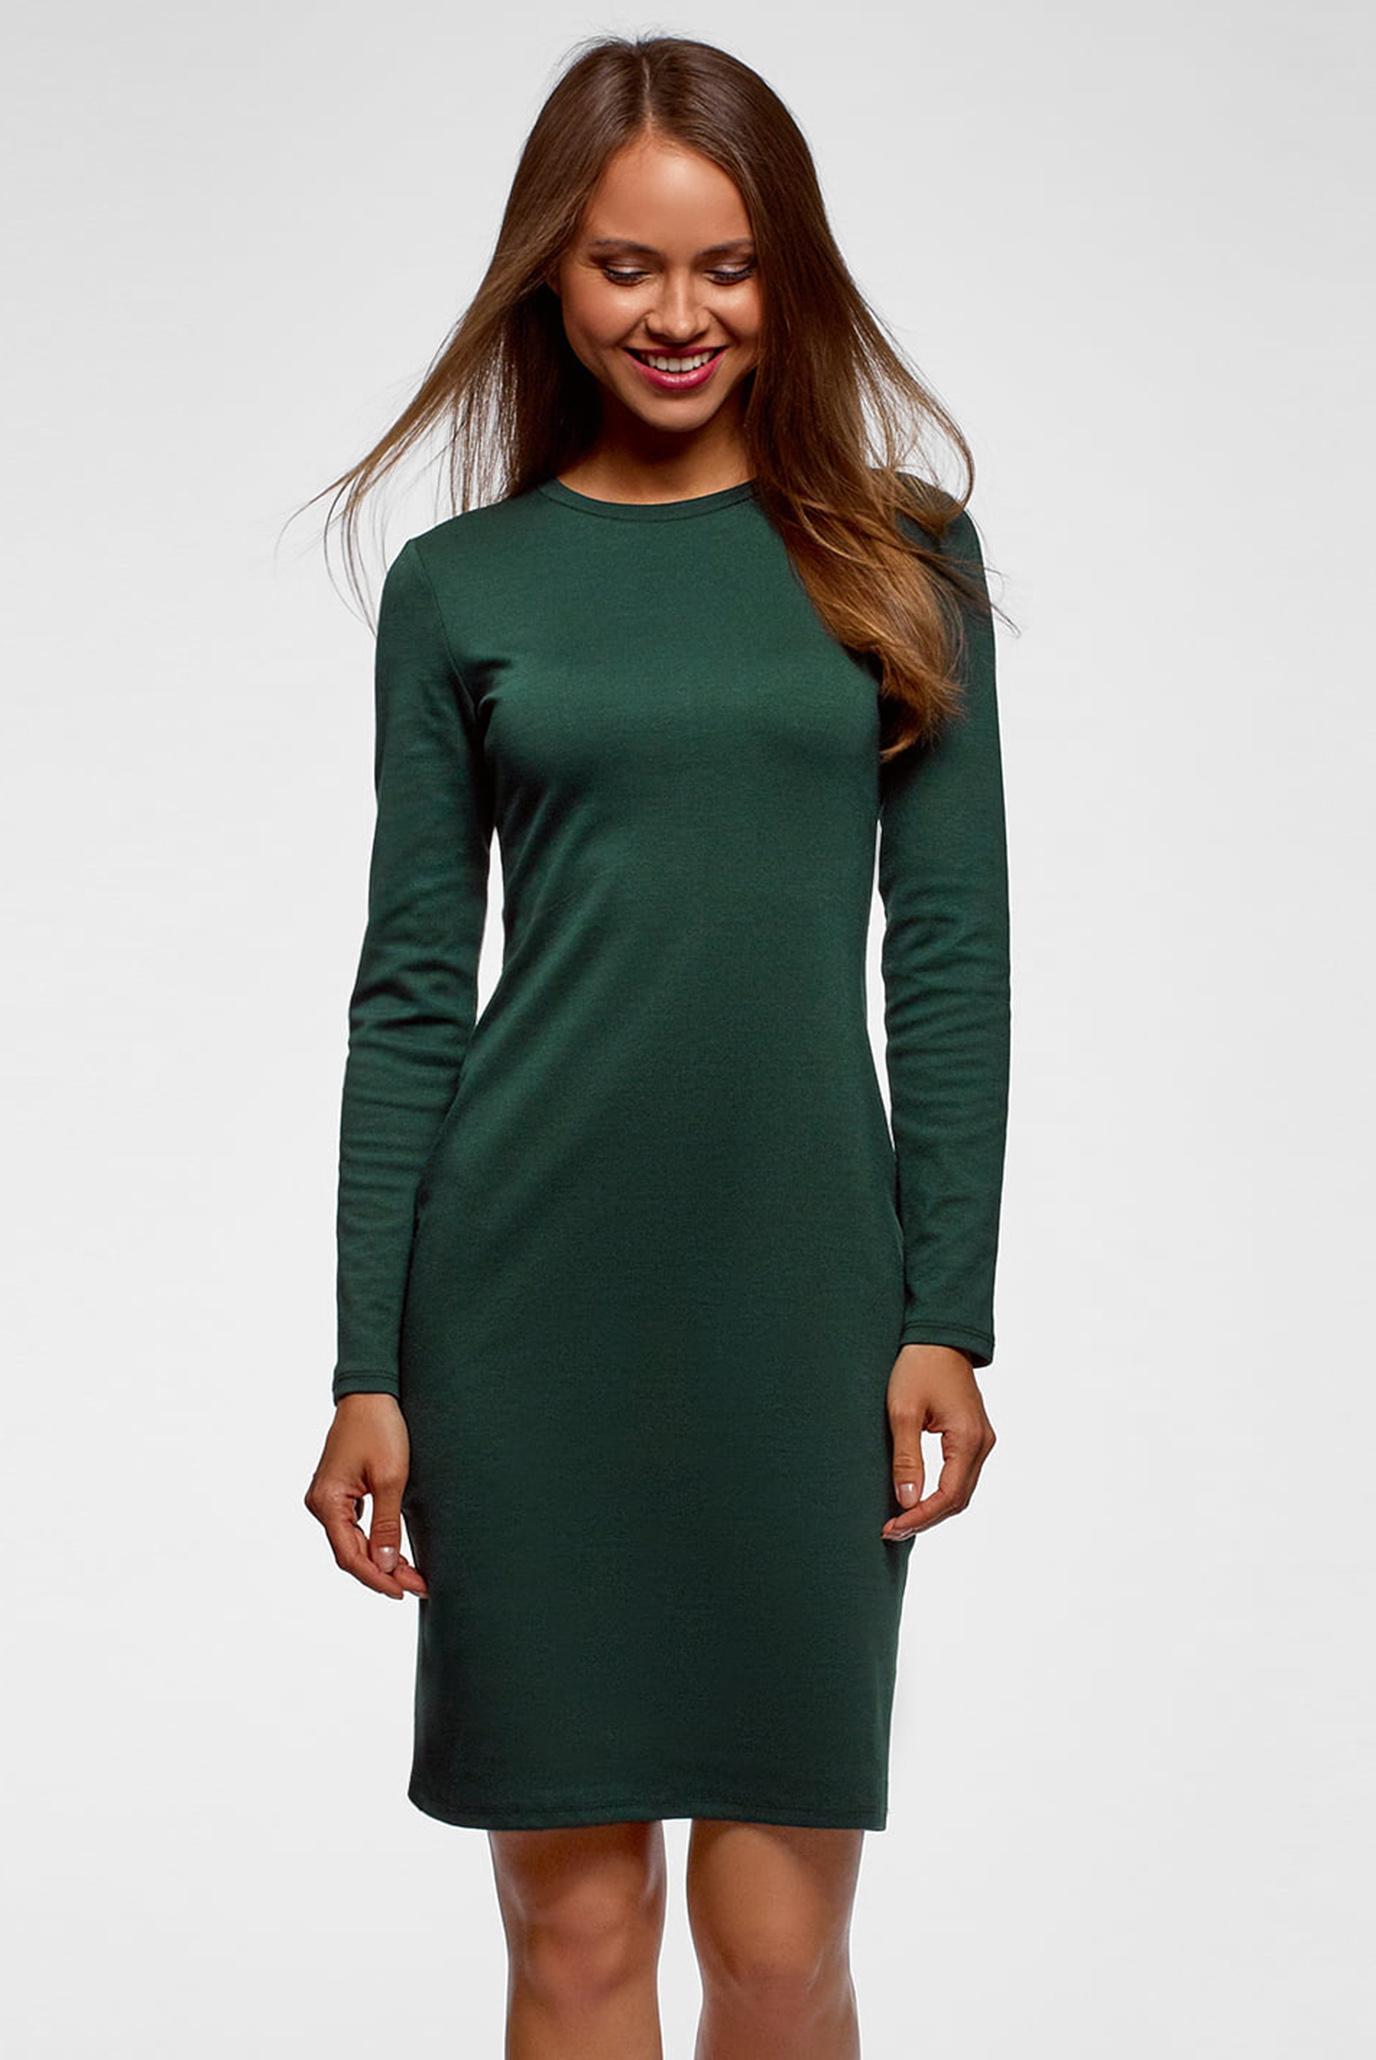 Купить Женское зеленое платье Oodji Oodji 14011027 38261 6900N – Киев,  Украина. Цены в интернет магазине MD Fashion 3be842612bc